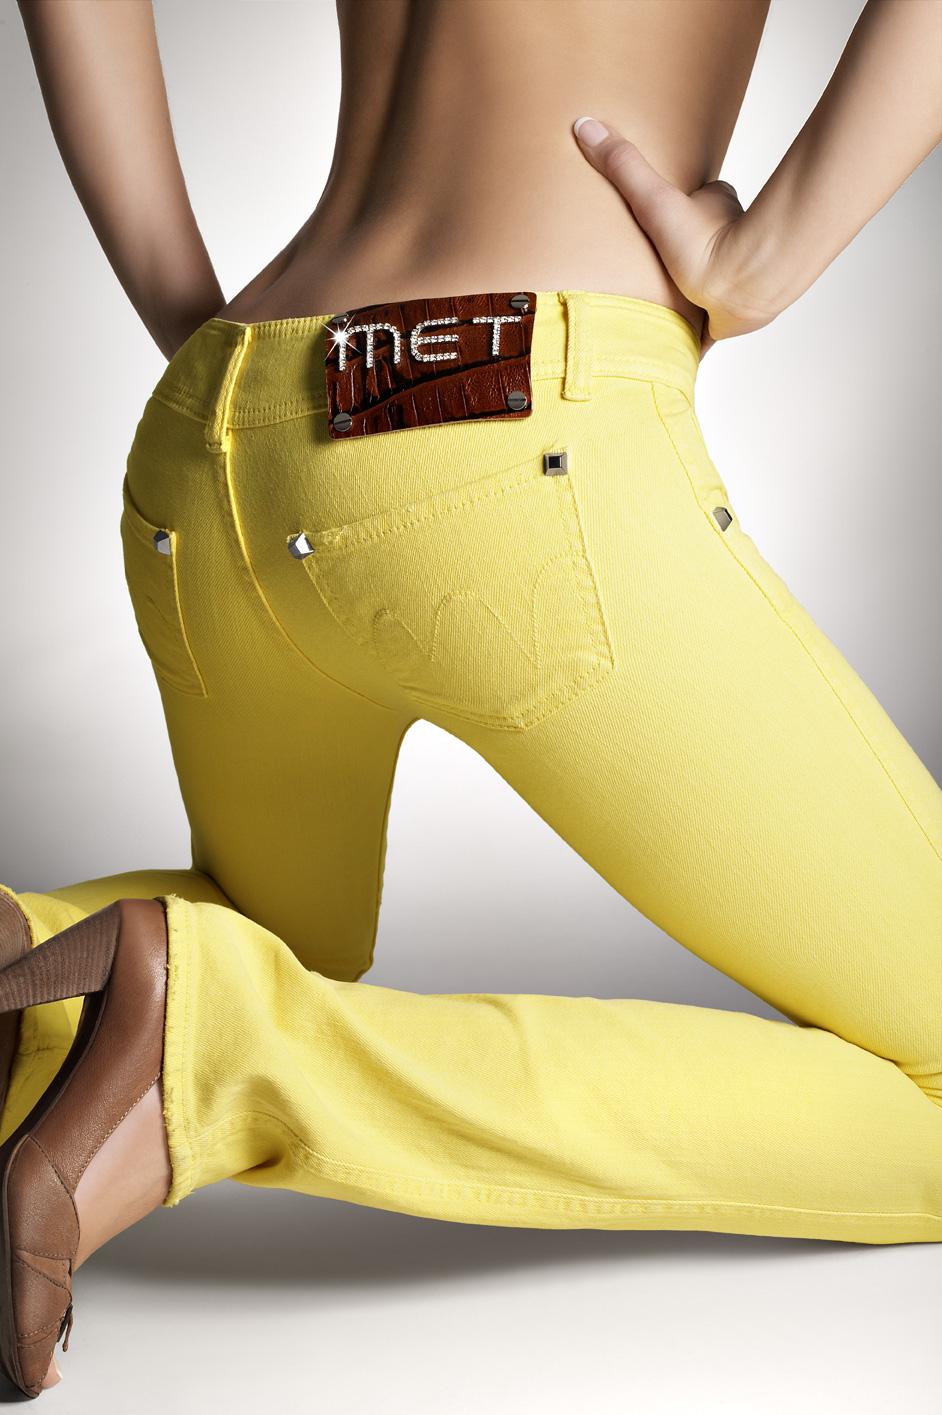 Сбор заказов. Евросток!!! Одежда, а также джинсы европейских производителей по бросовым ценам (цена на бирках во много раз выше), а также мега распродажа одежды известного бренда по 199 руб. Такого еще не было!!! - 3